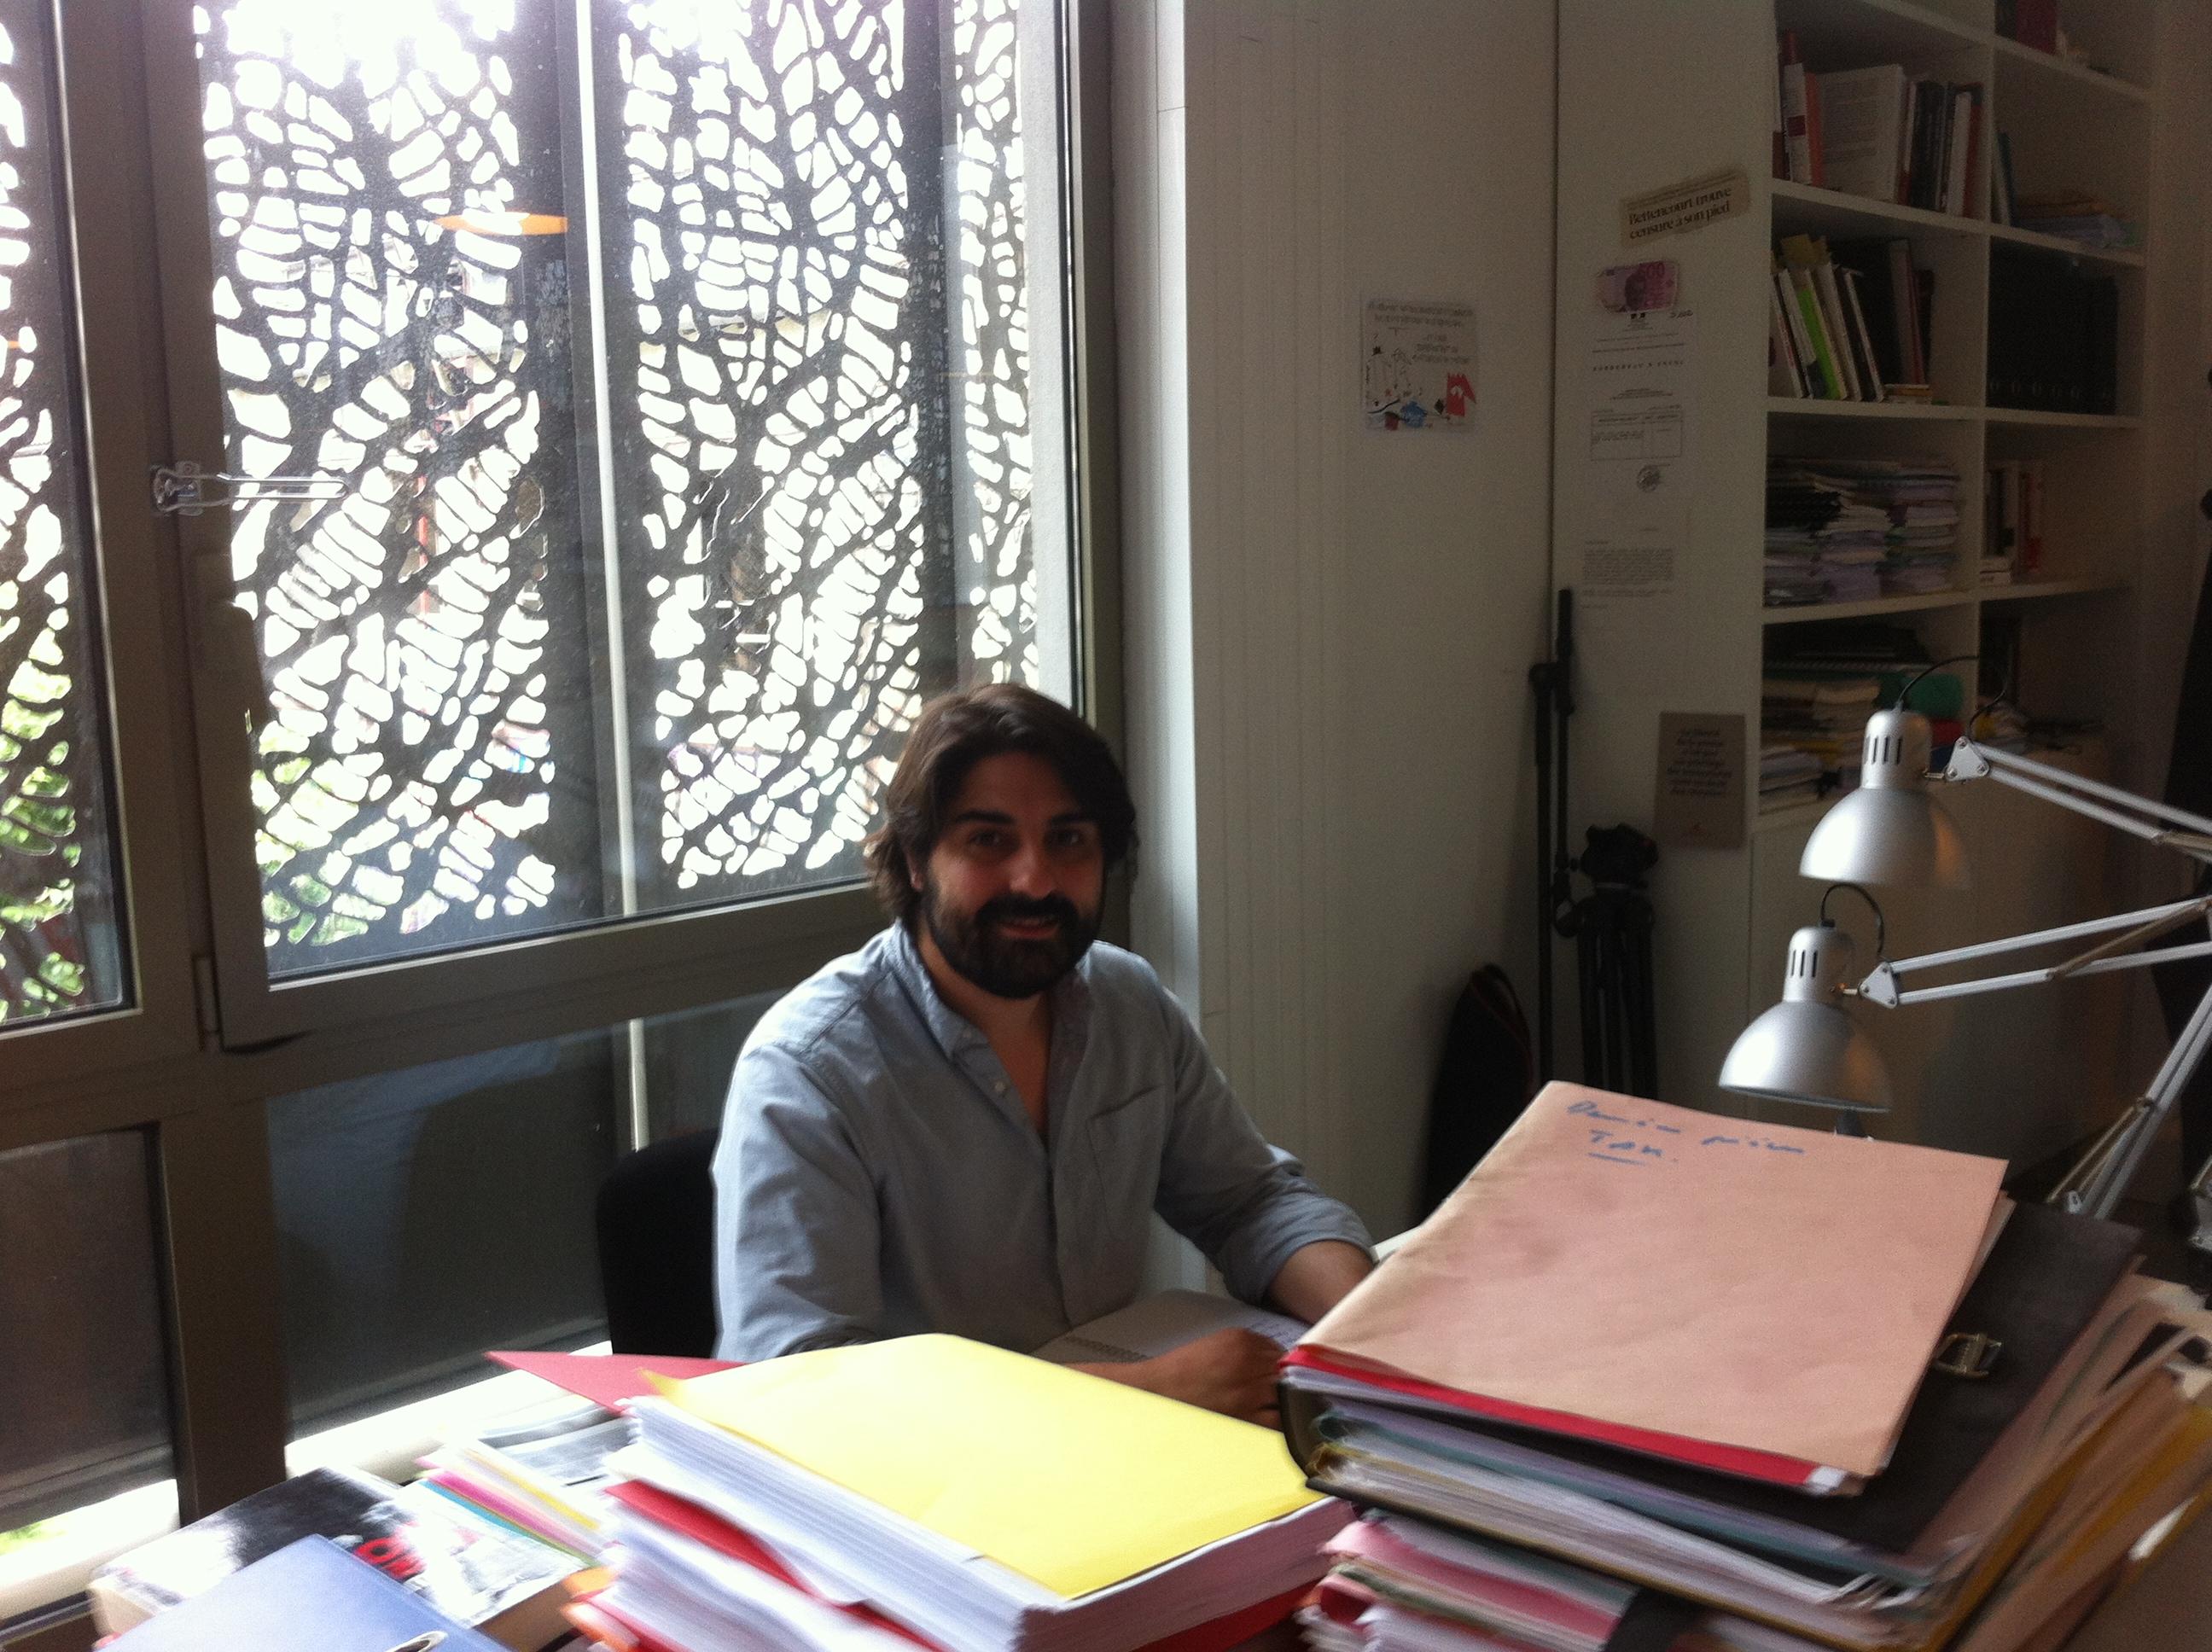 Fabrice Arfi, le journaliste qui a révélé l'affaire Cahuzac pour Mediapart, a son bureau en mai 2015. Photo DSJC.